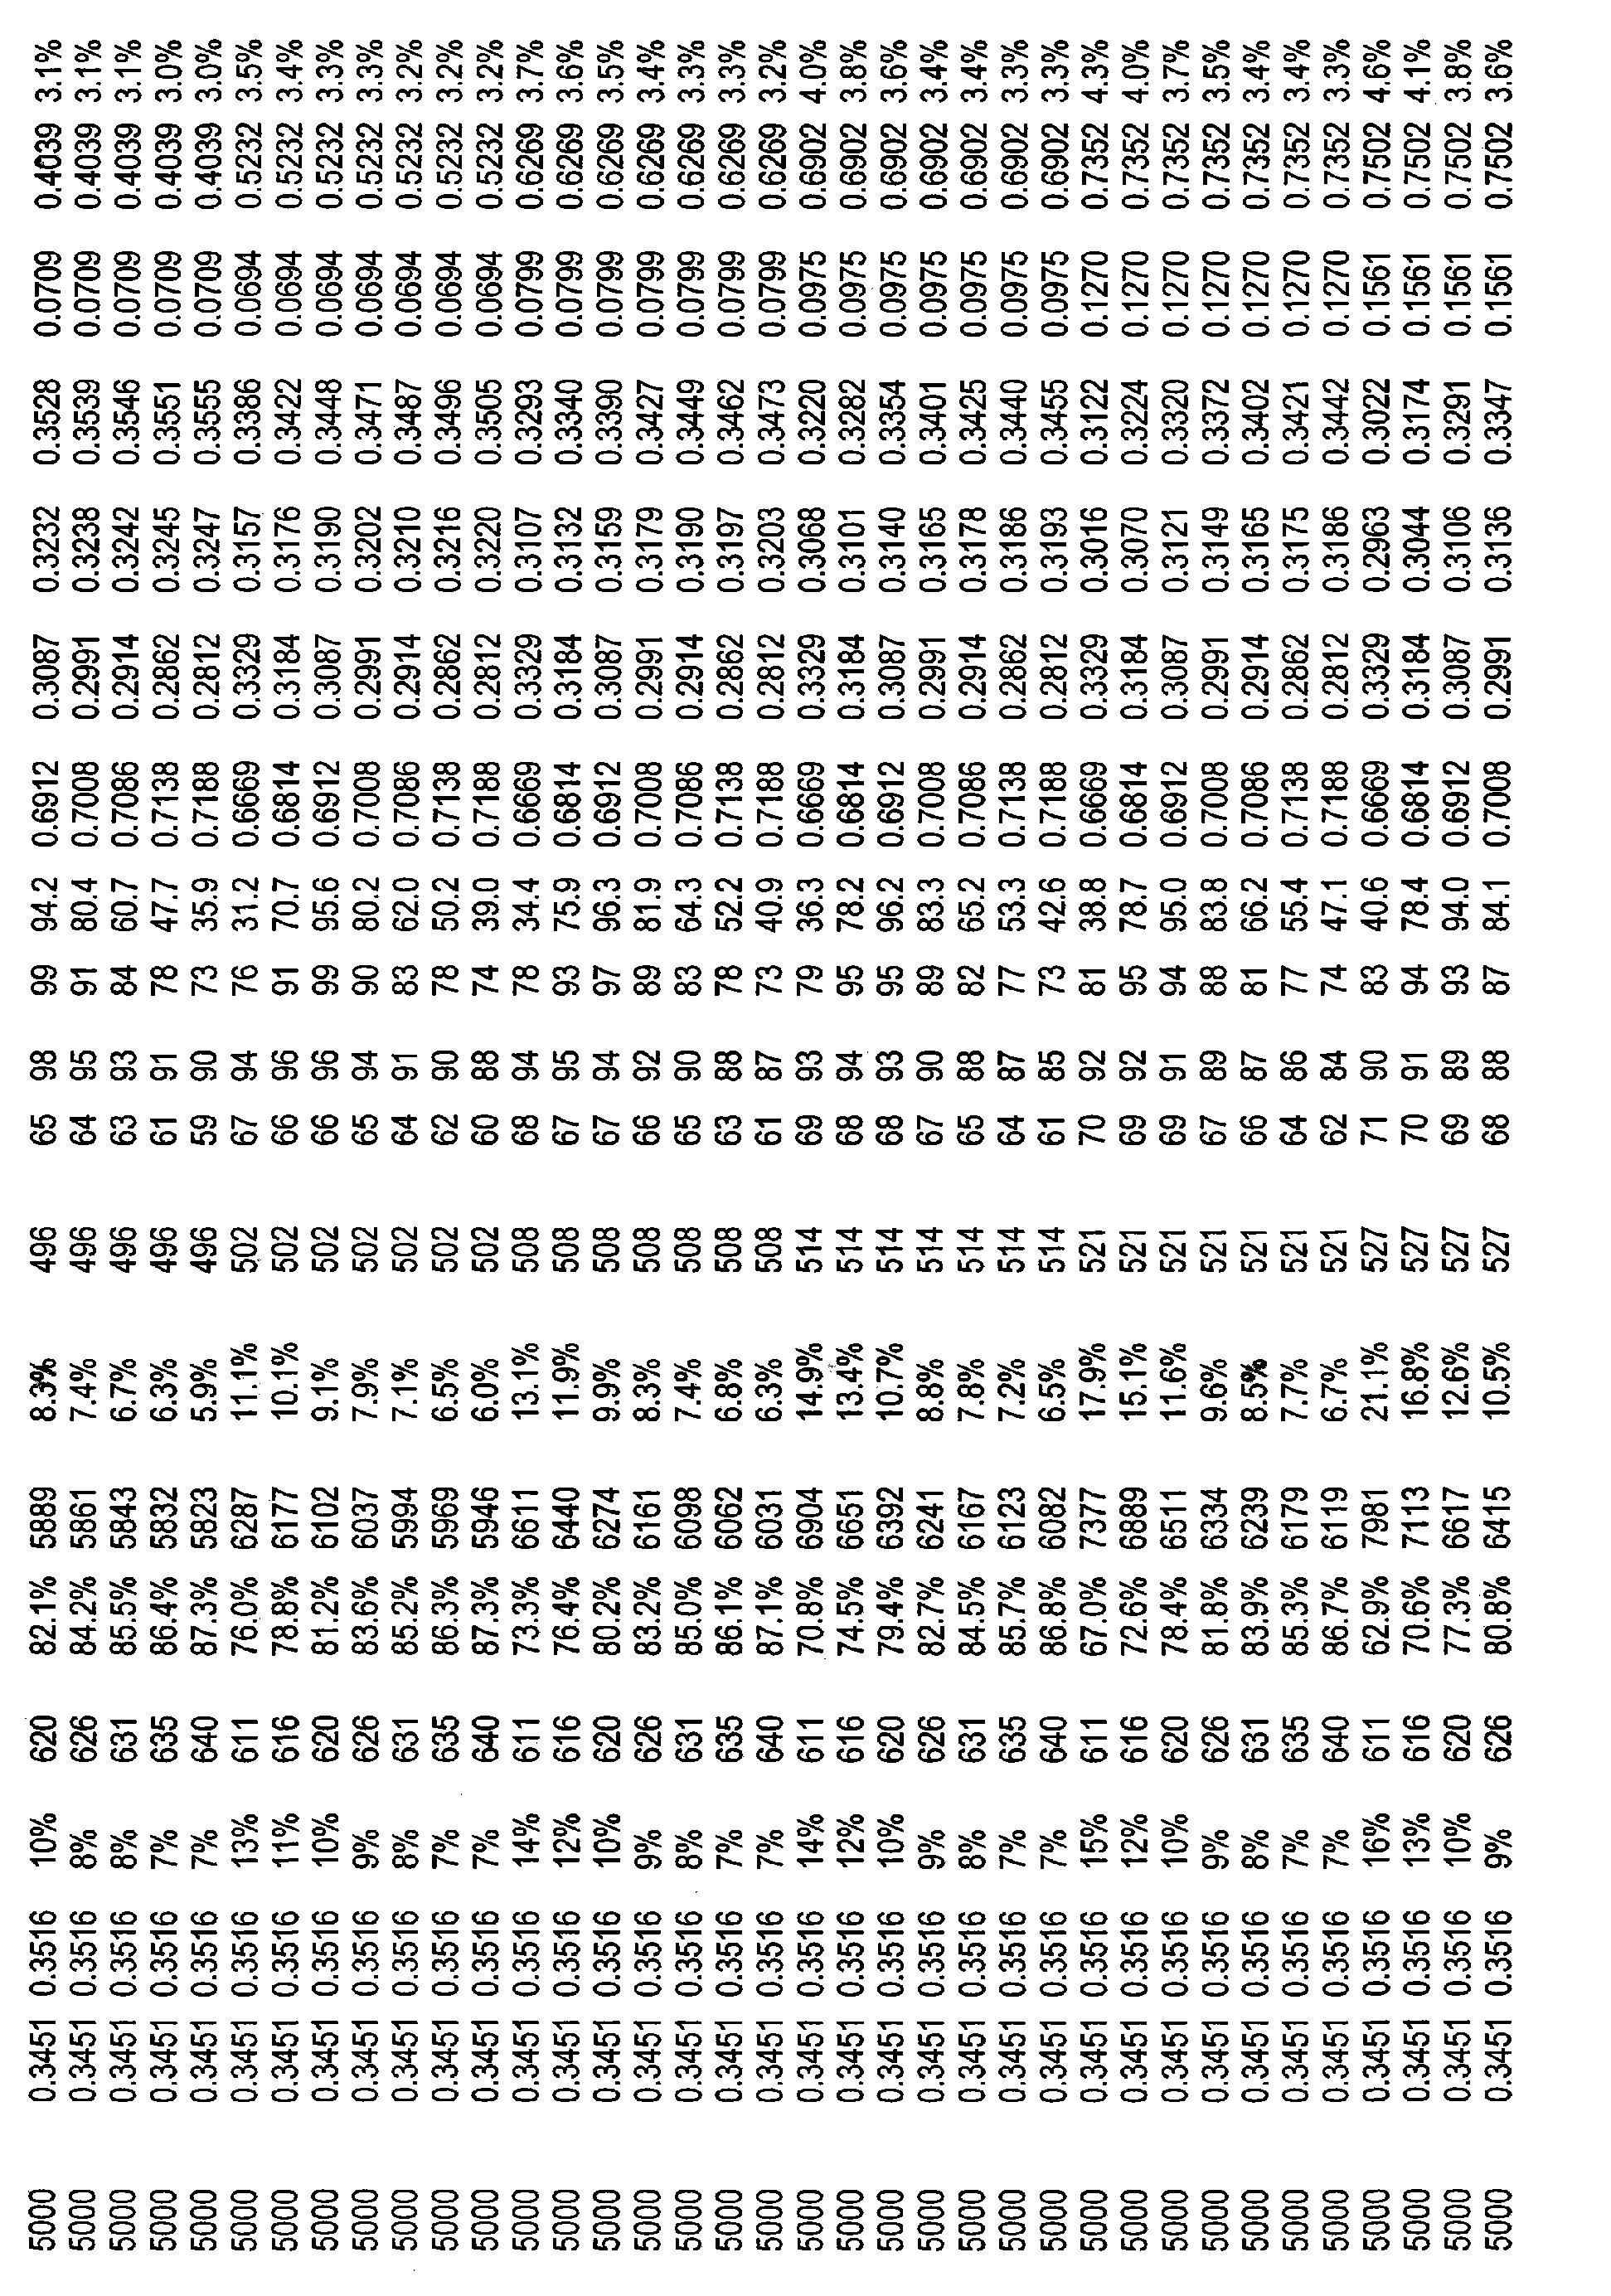 Figure CN101821544BD00651